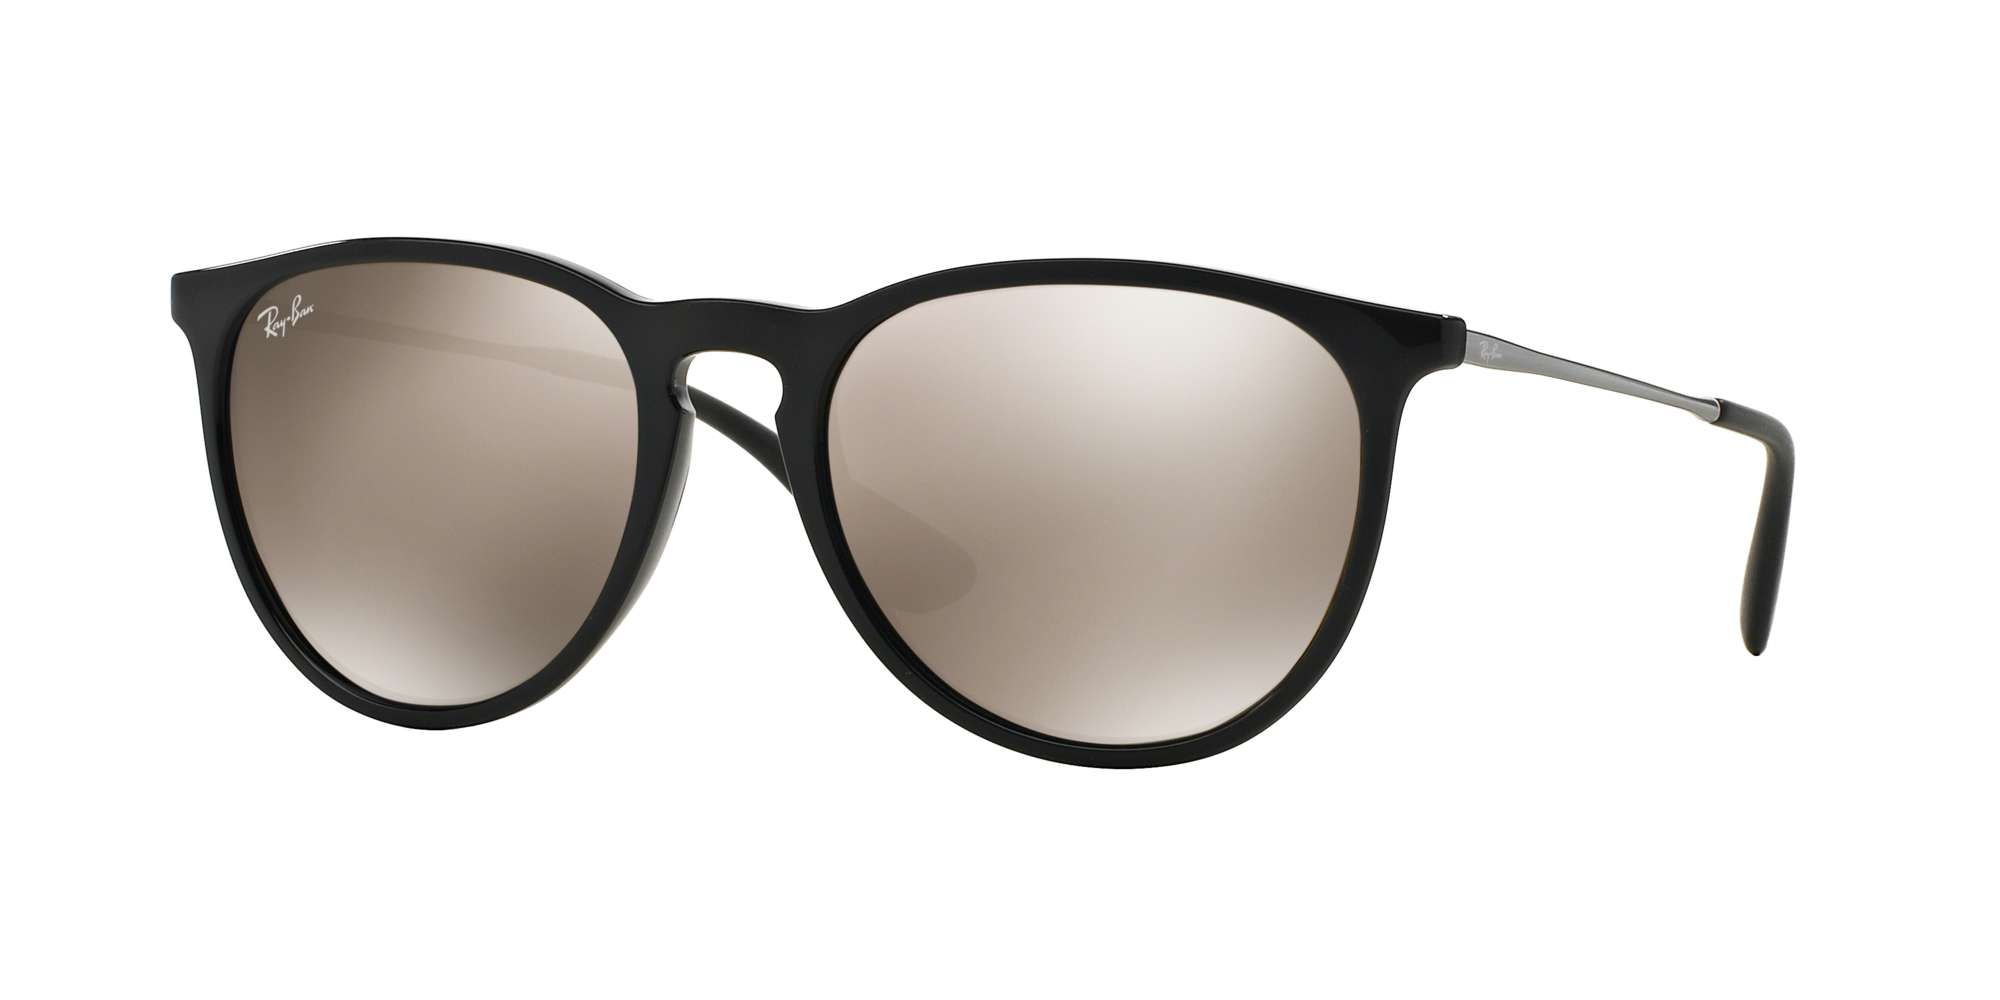 BLACK / LIGHT BROWN MIRROR GOLD lenses